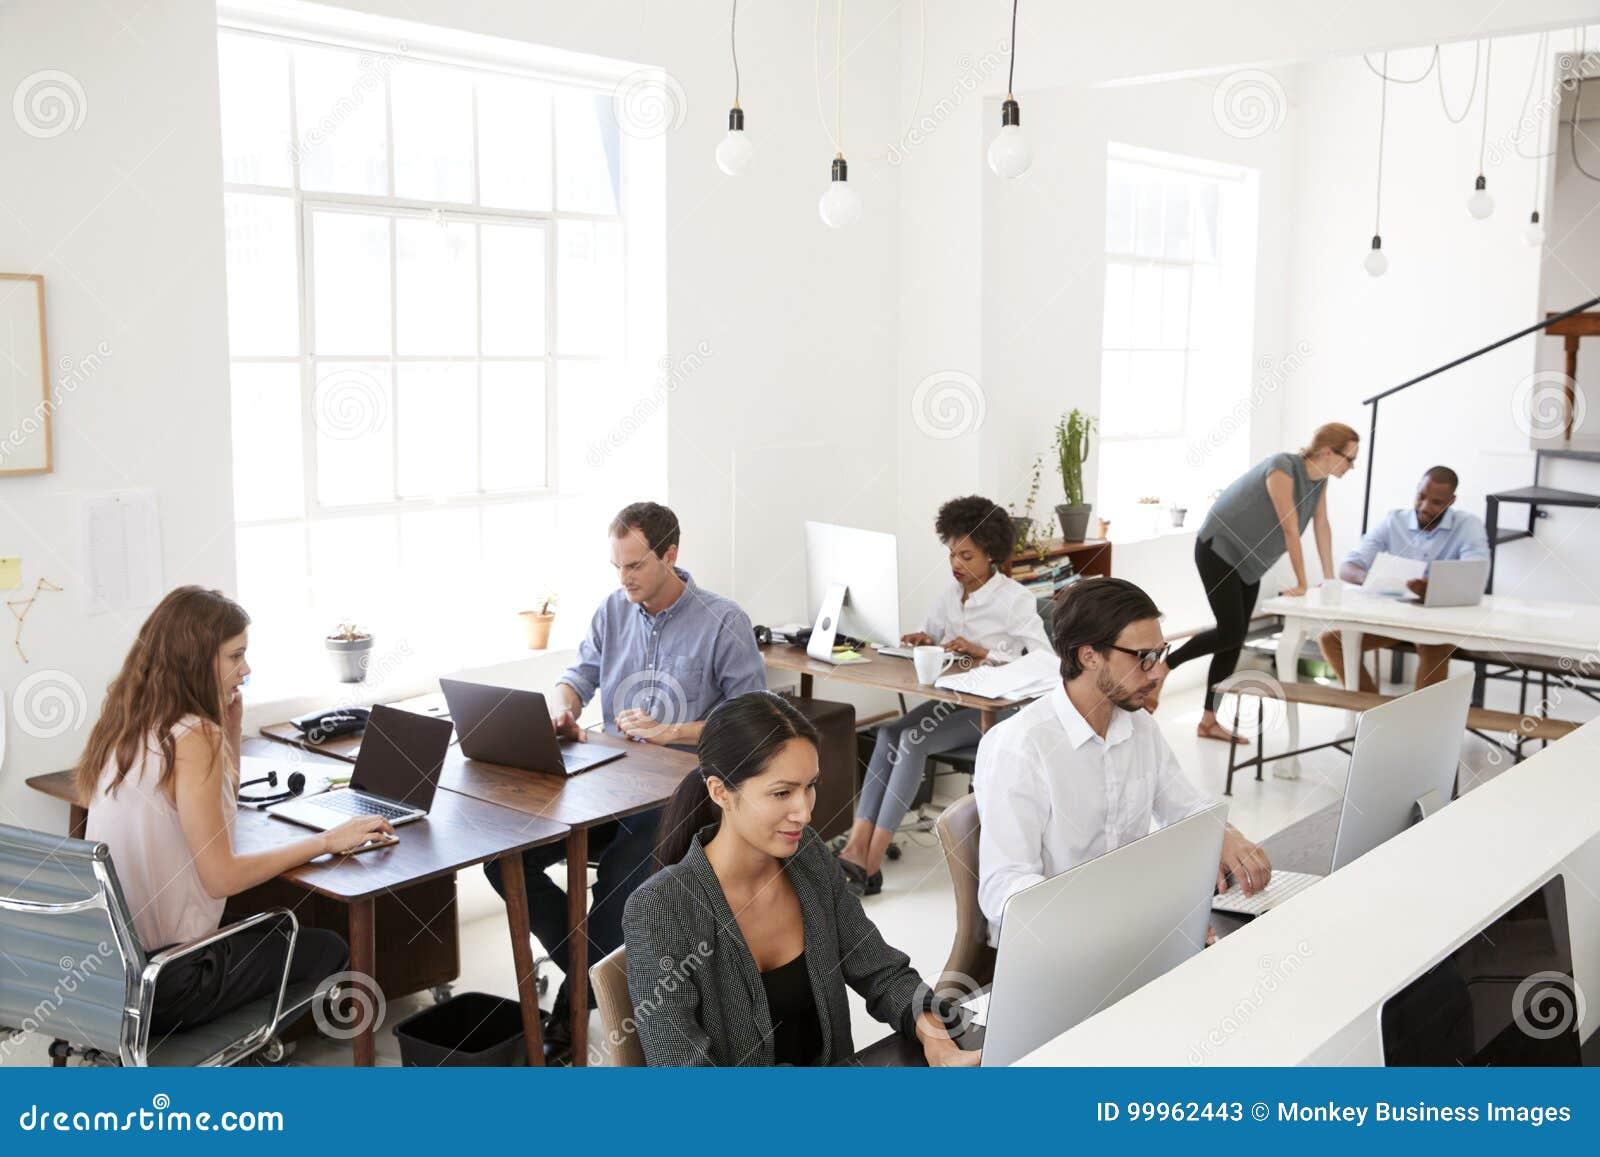 Jonge bedrijfscollega s die bij computers in een bureau werken